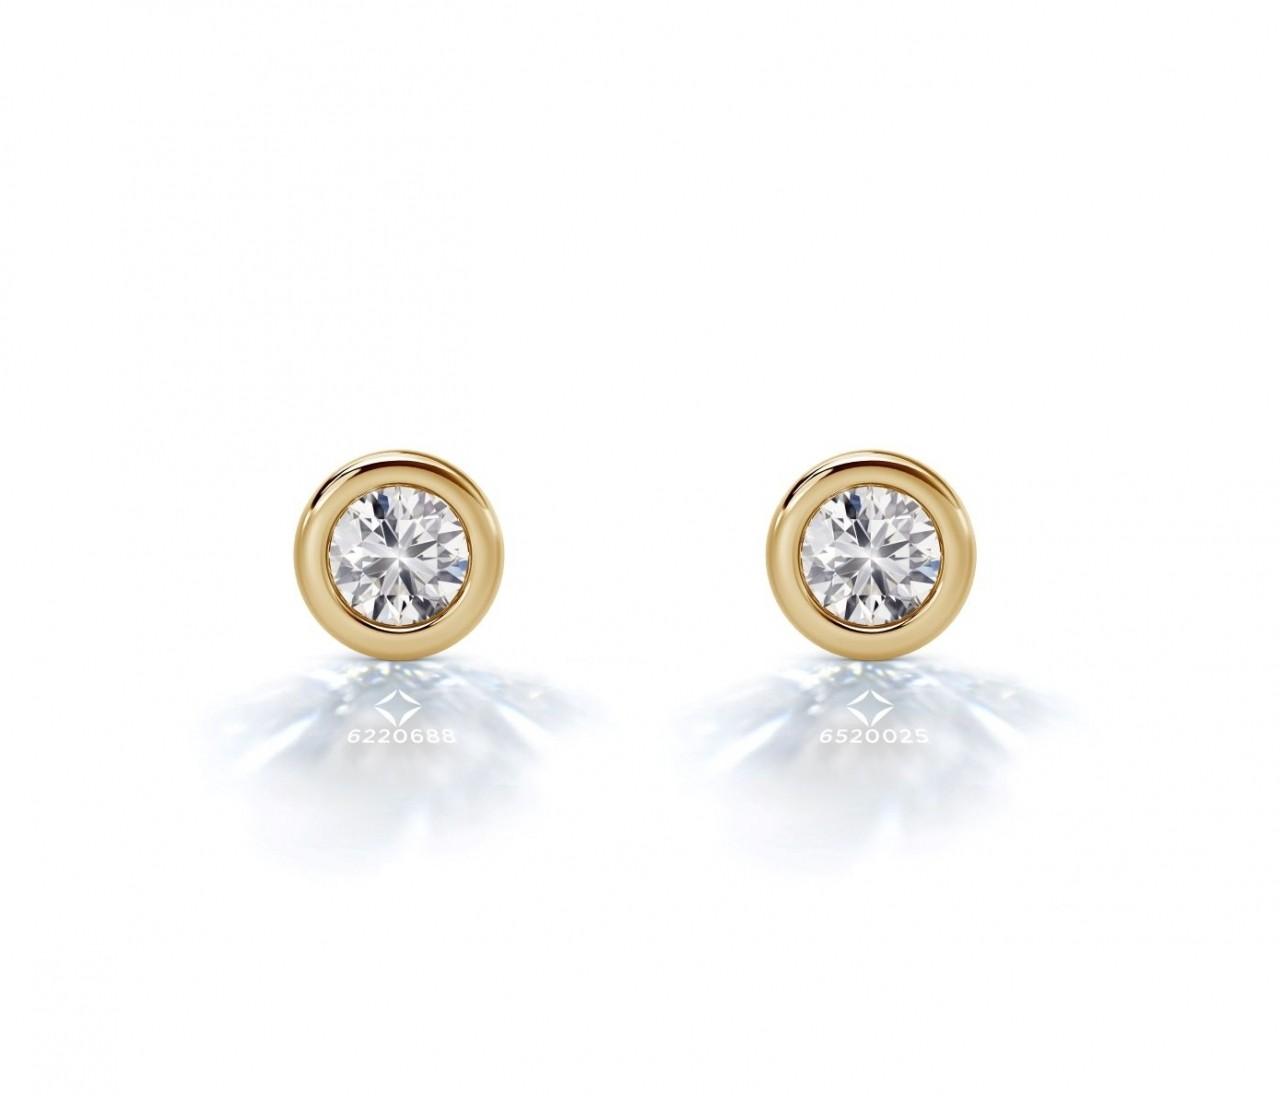 クリスマスはスペシャルな輝きを身にまとって! コラボレーションジュエリー「RH Jewelry featuring Forevermark」のネックレス&ピアスが登場♪